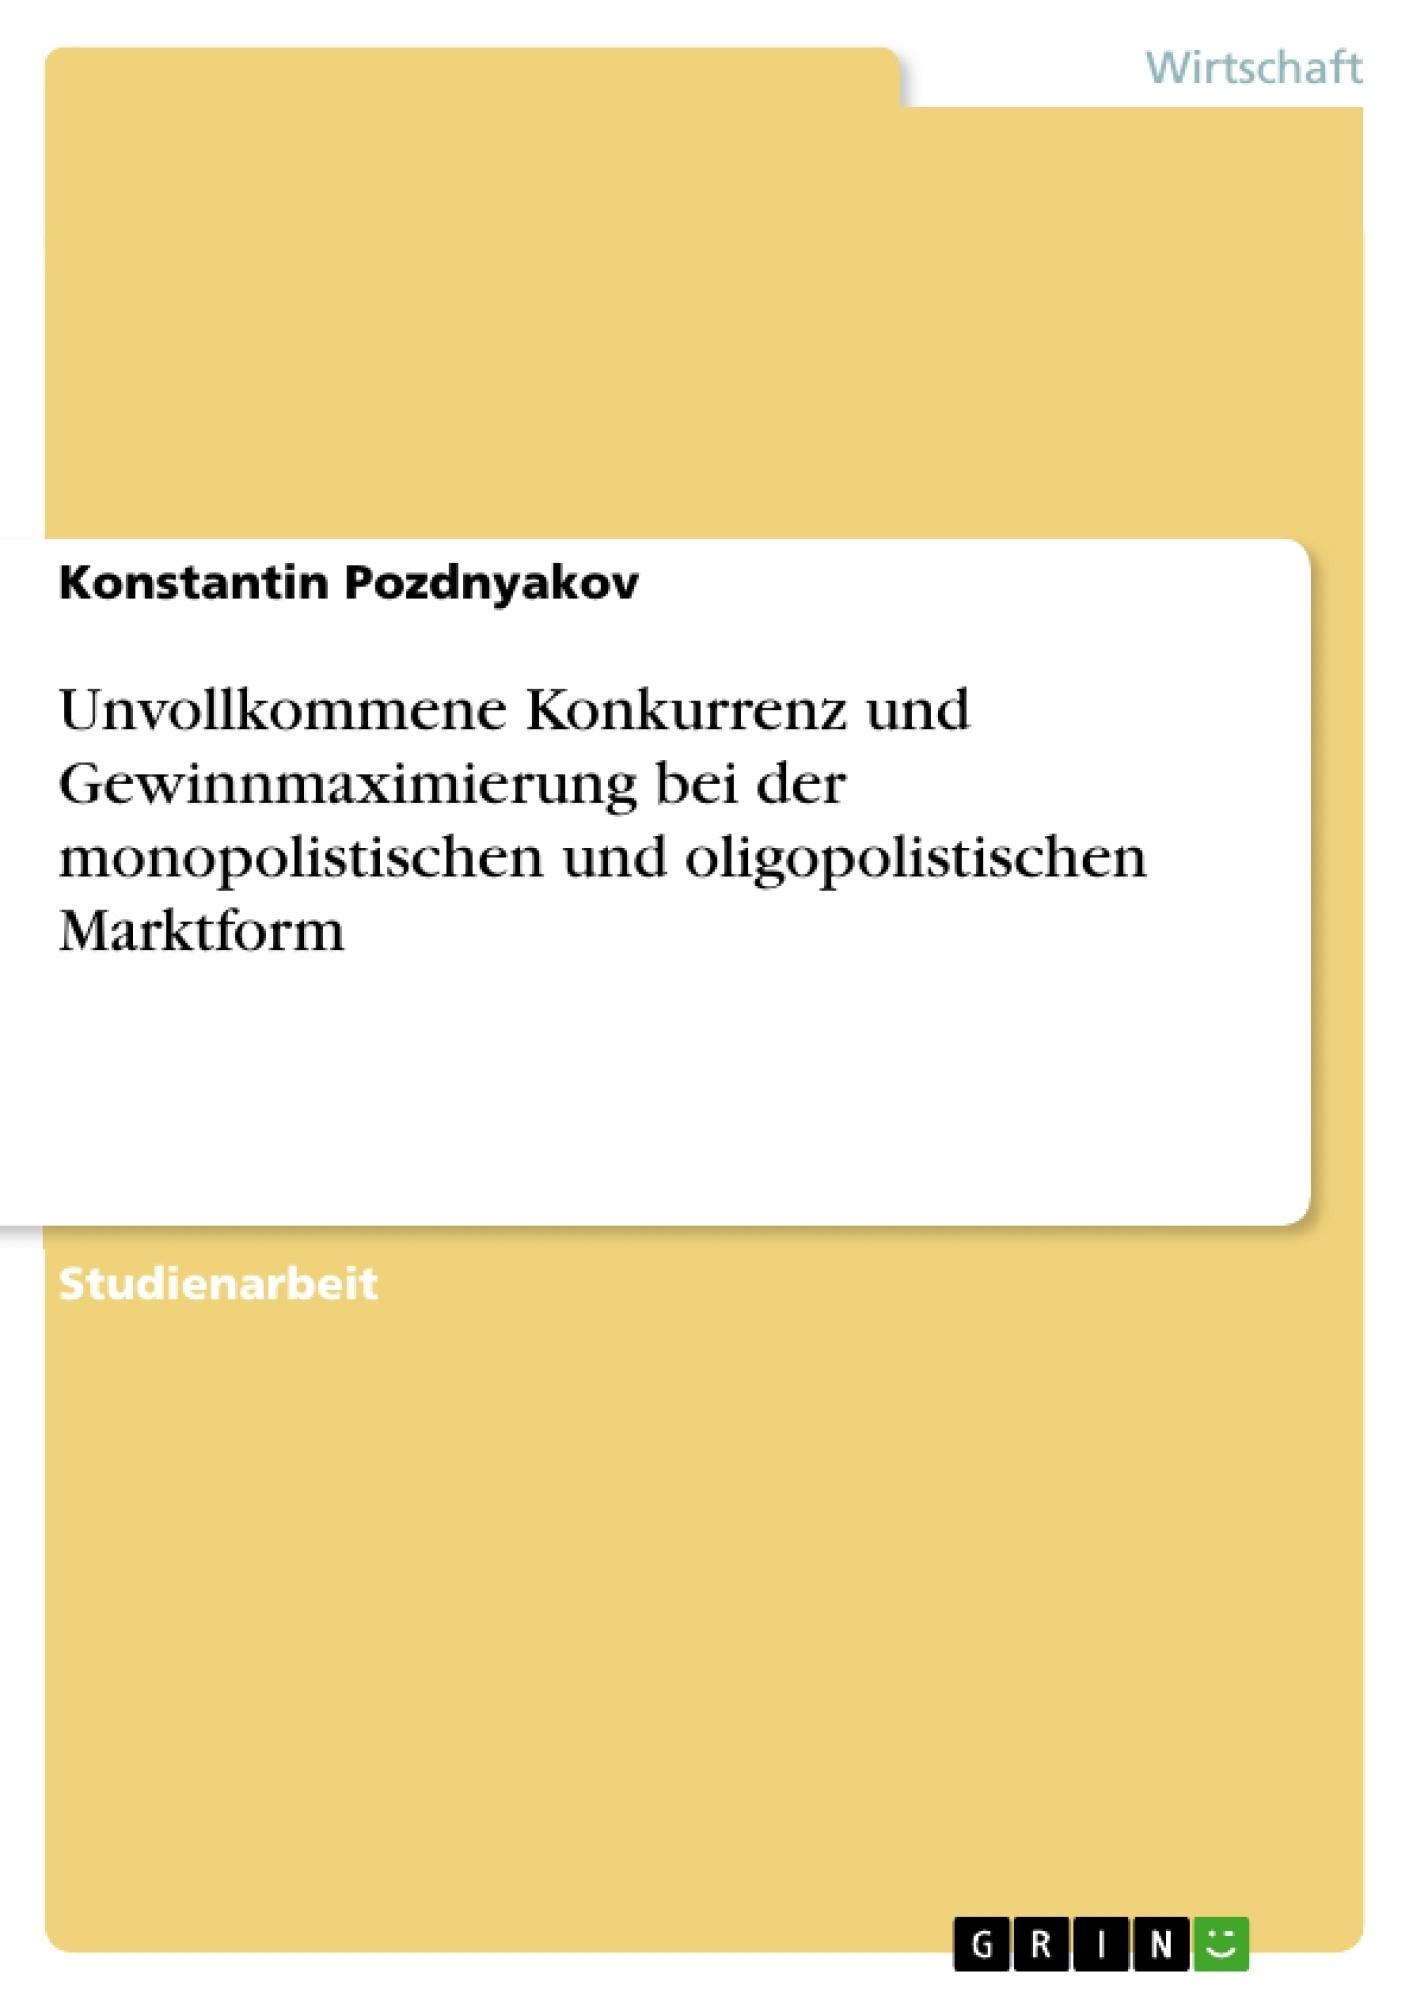 Titel: Unvollkommene Konkurrenz und Gewinnmaximierung bei der monopolistischen und oligopolistischen Marktform